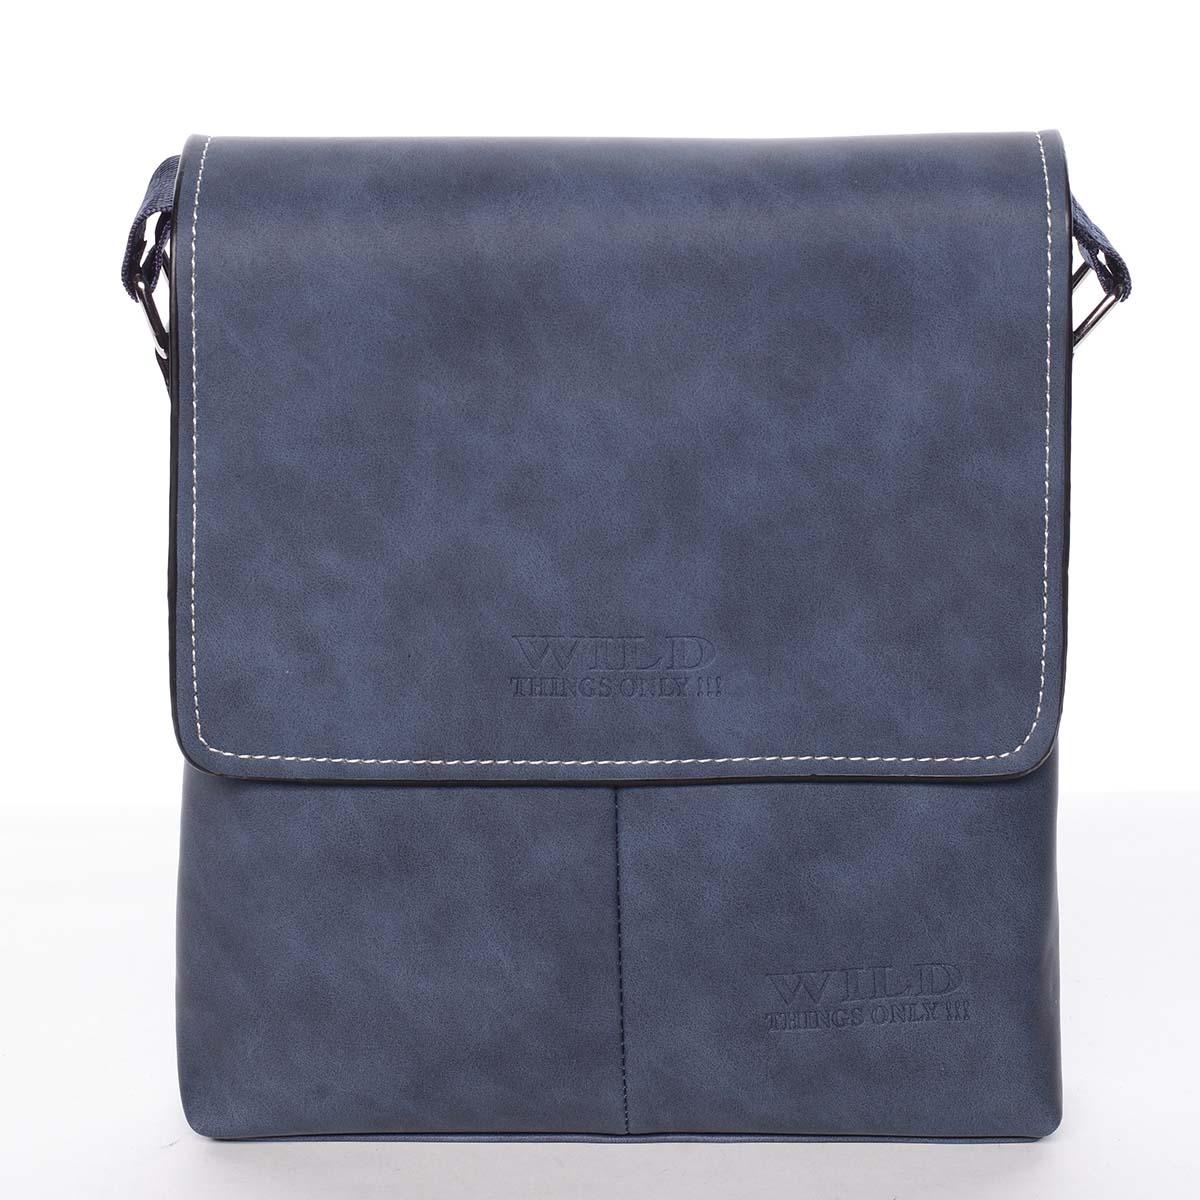 Moderní modrá pánská taška přes rameno - WILD Adapa